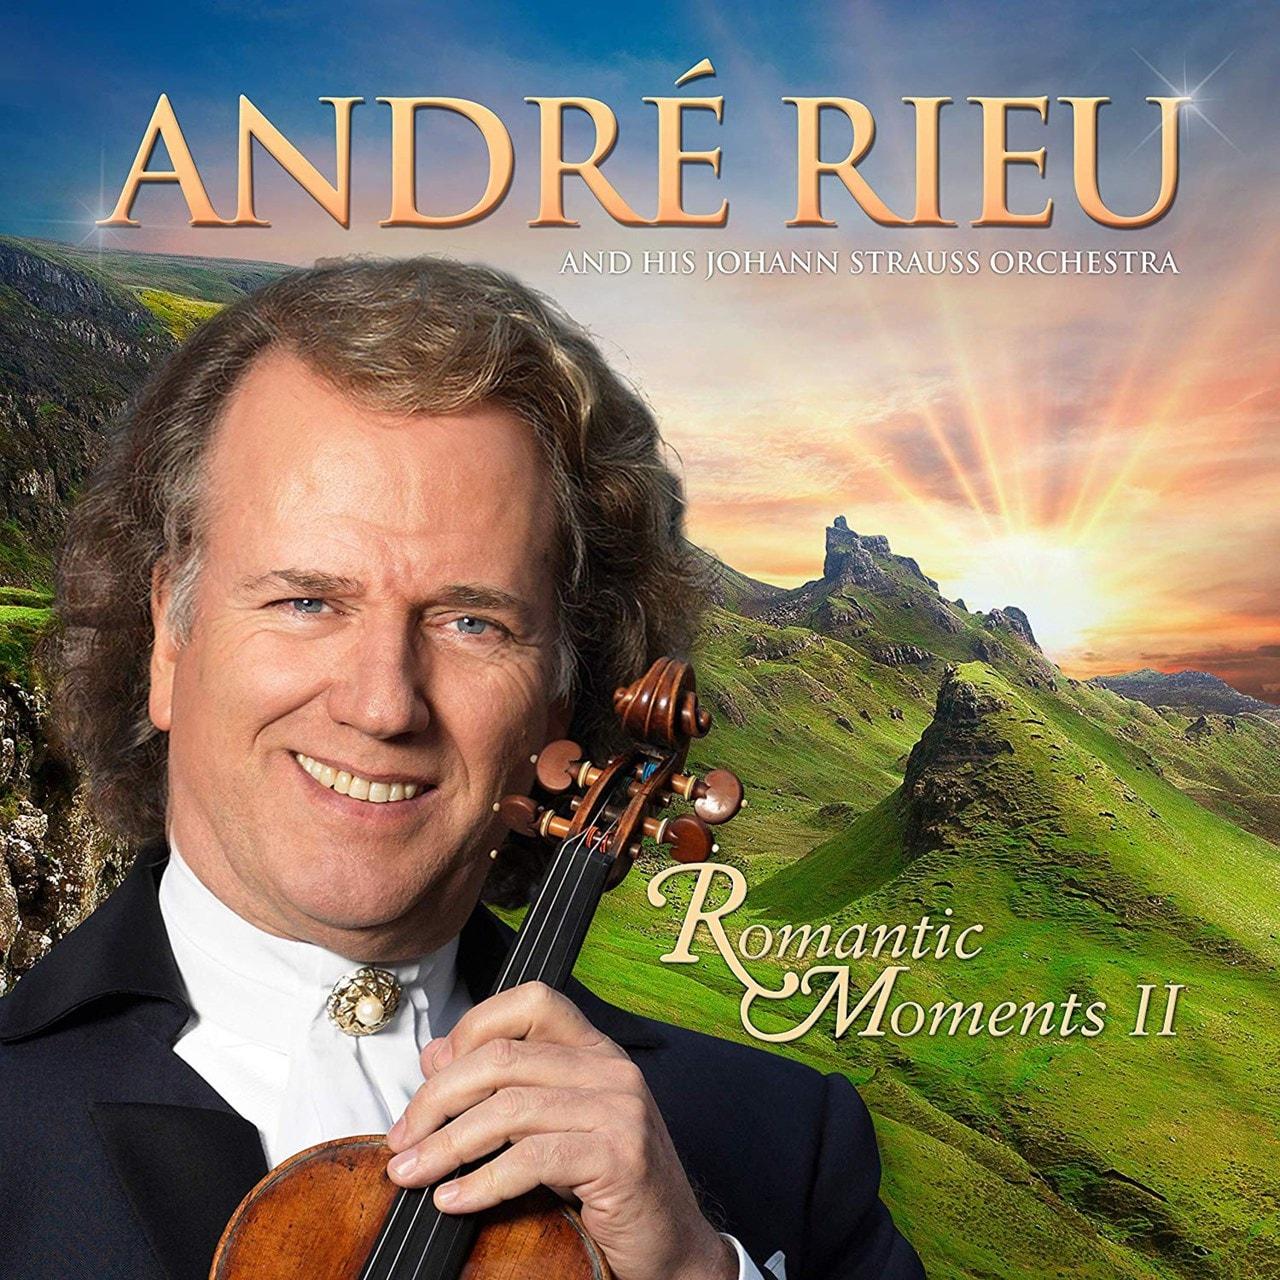 Andre Rieu: Romantic Moments II - 1